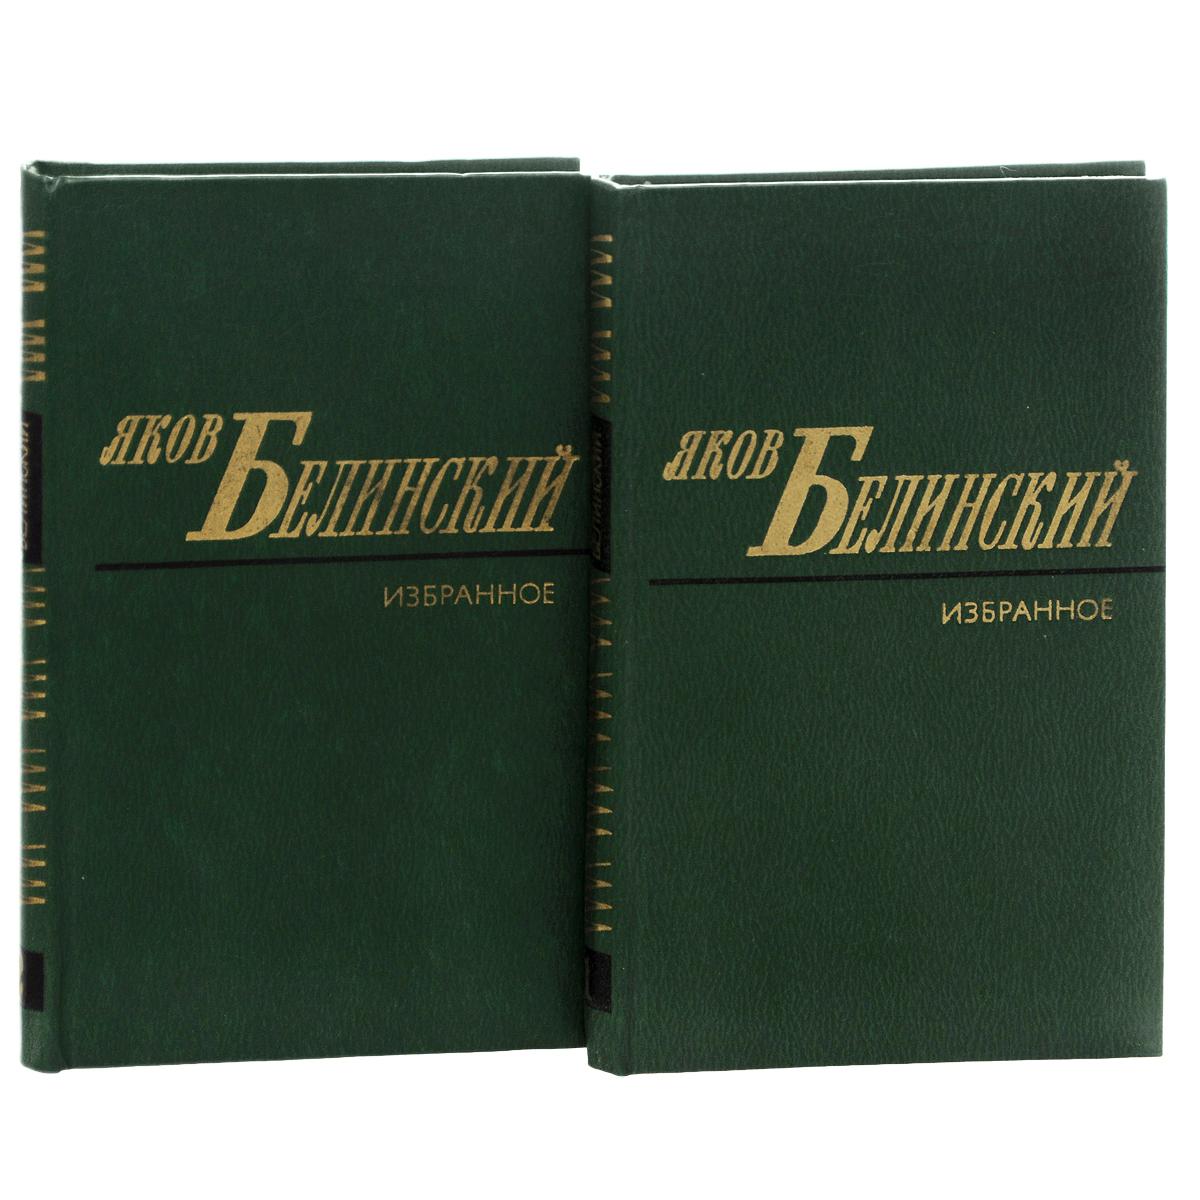 Яков Белинский. Избранные произведения в 2 томах (комплект из 2 книг)